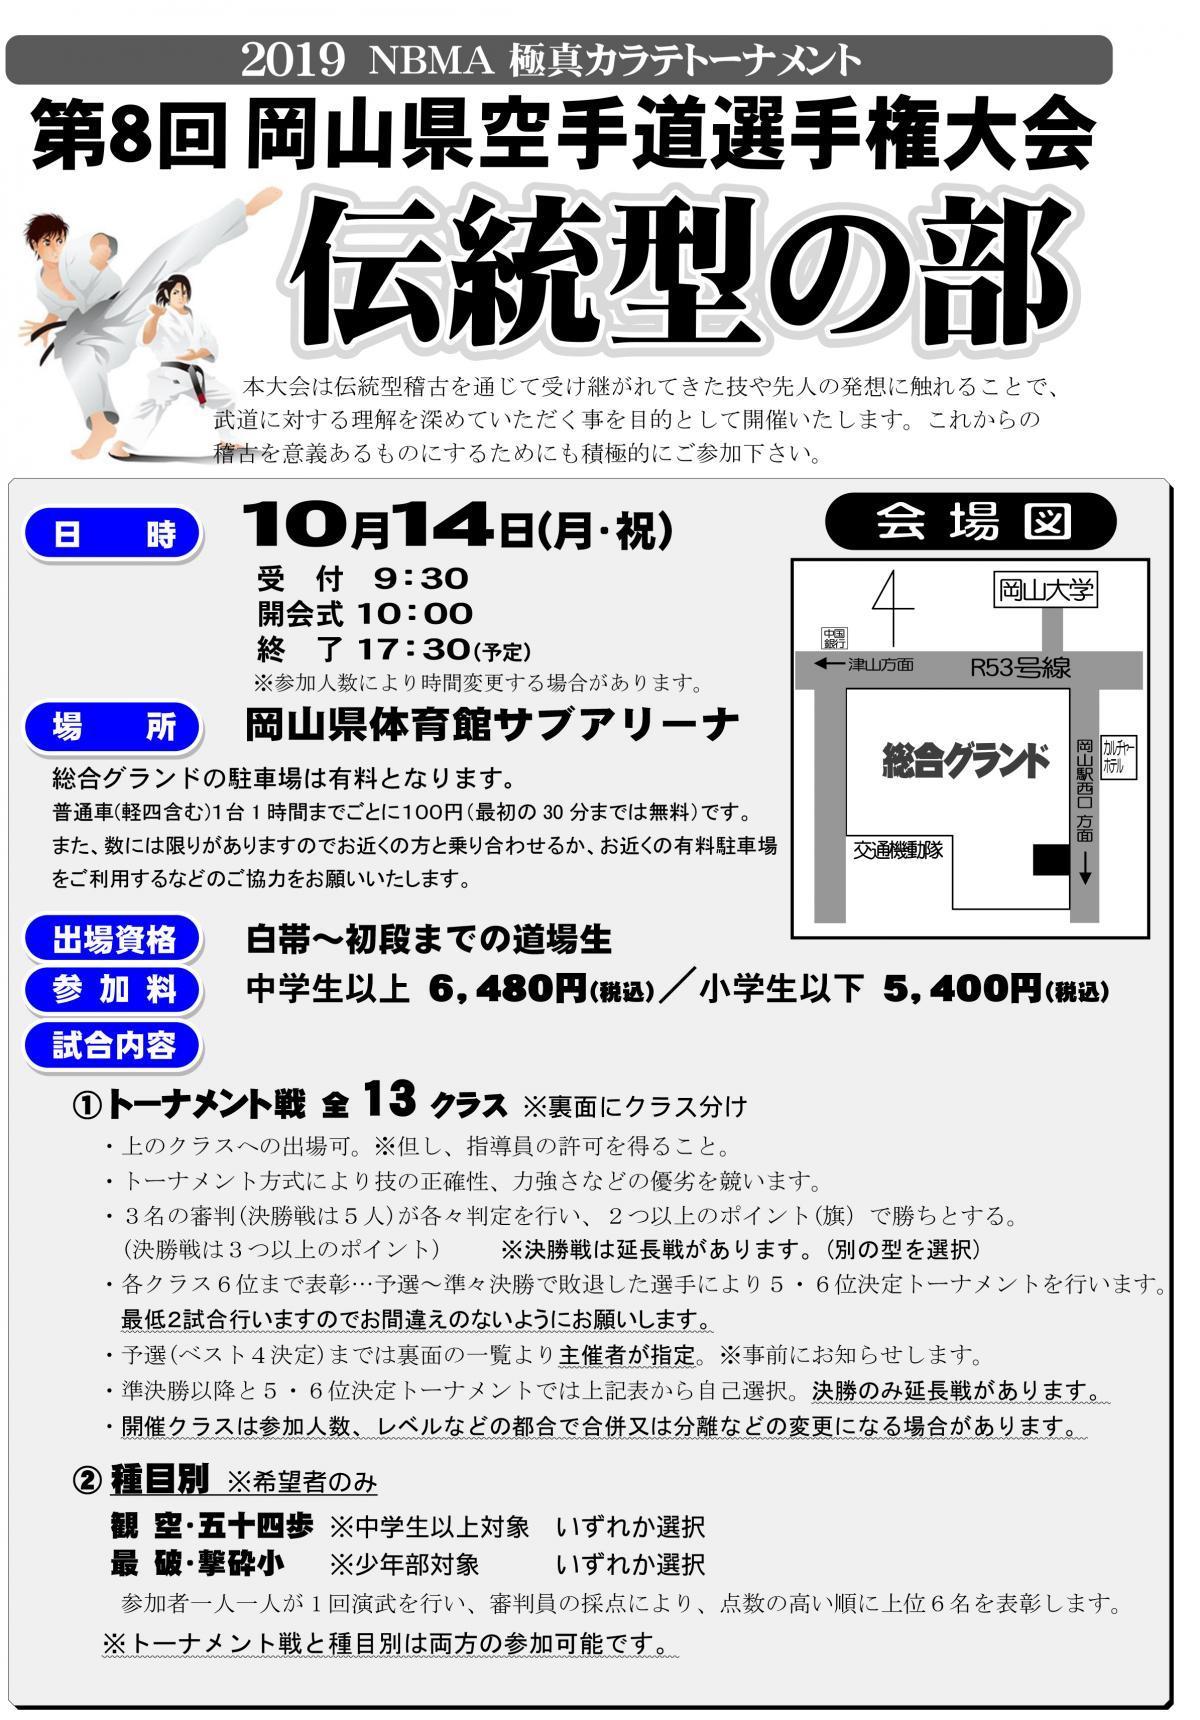 19年第8回伝統型試合申込用紙-1_convert_20190918131548